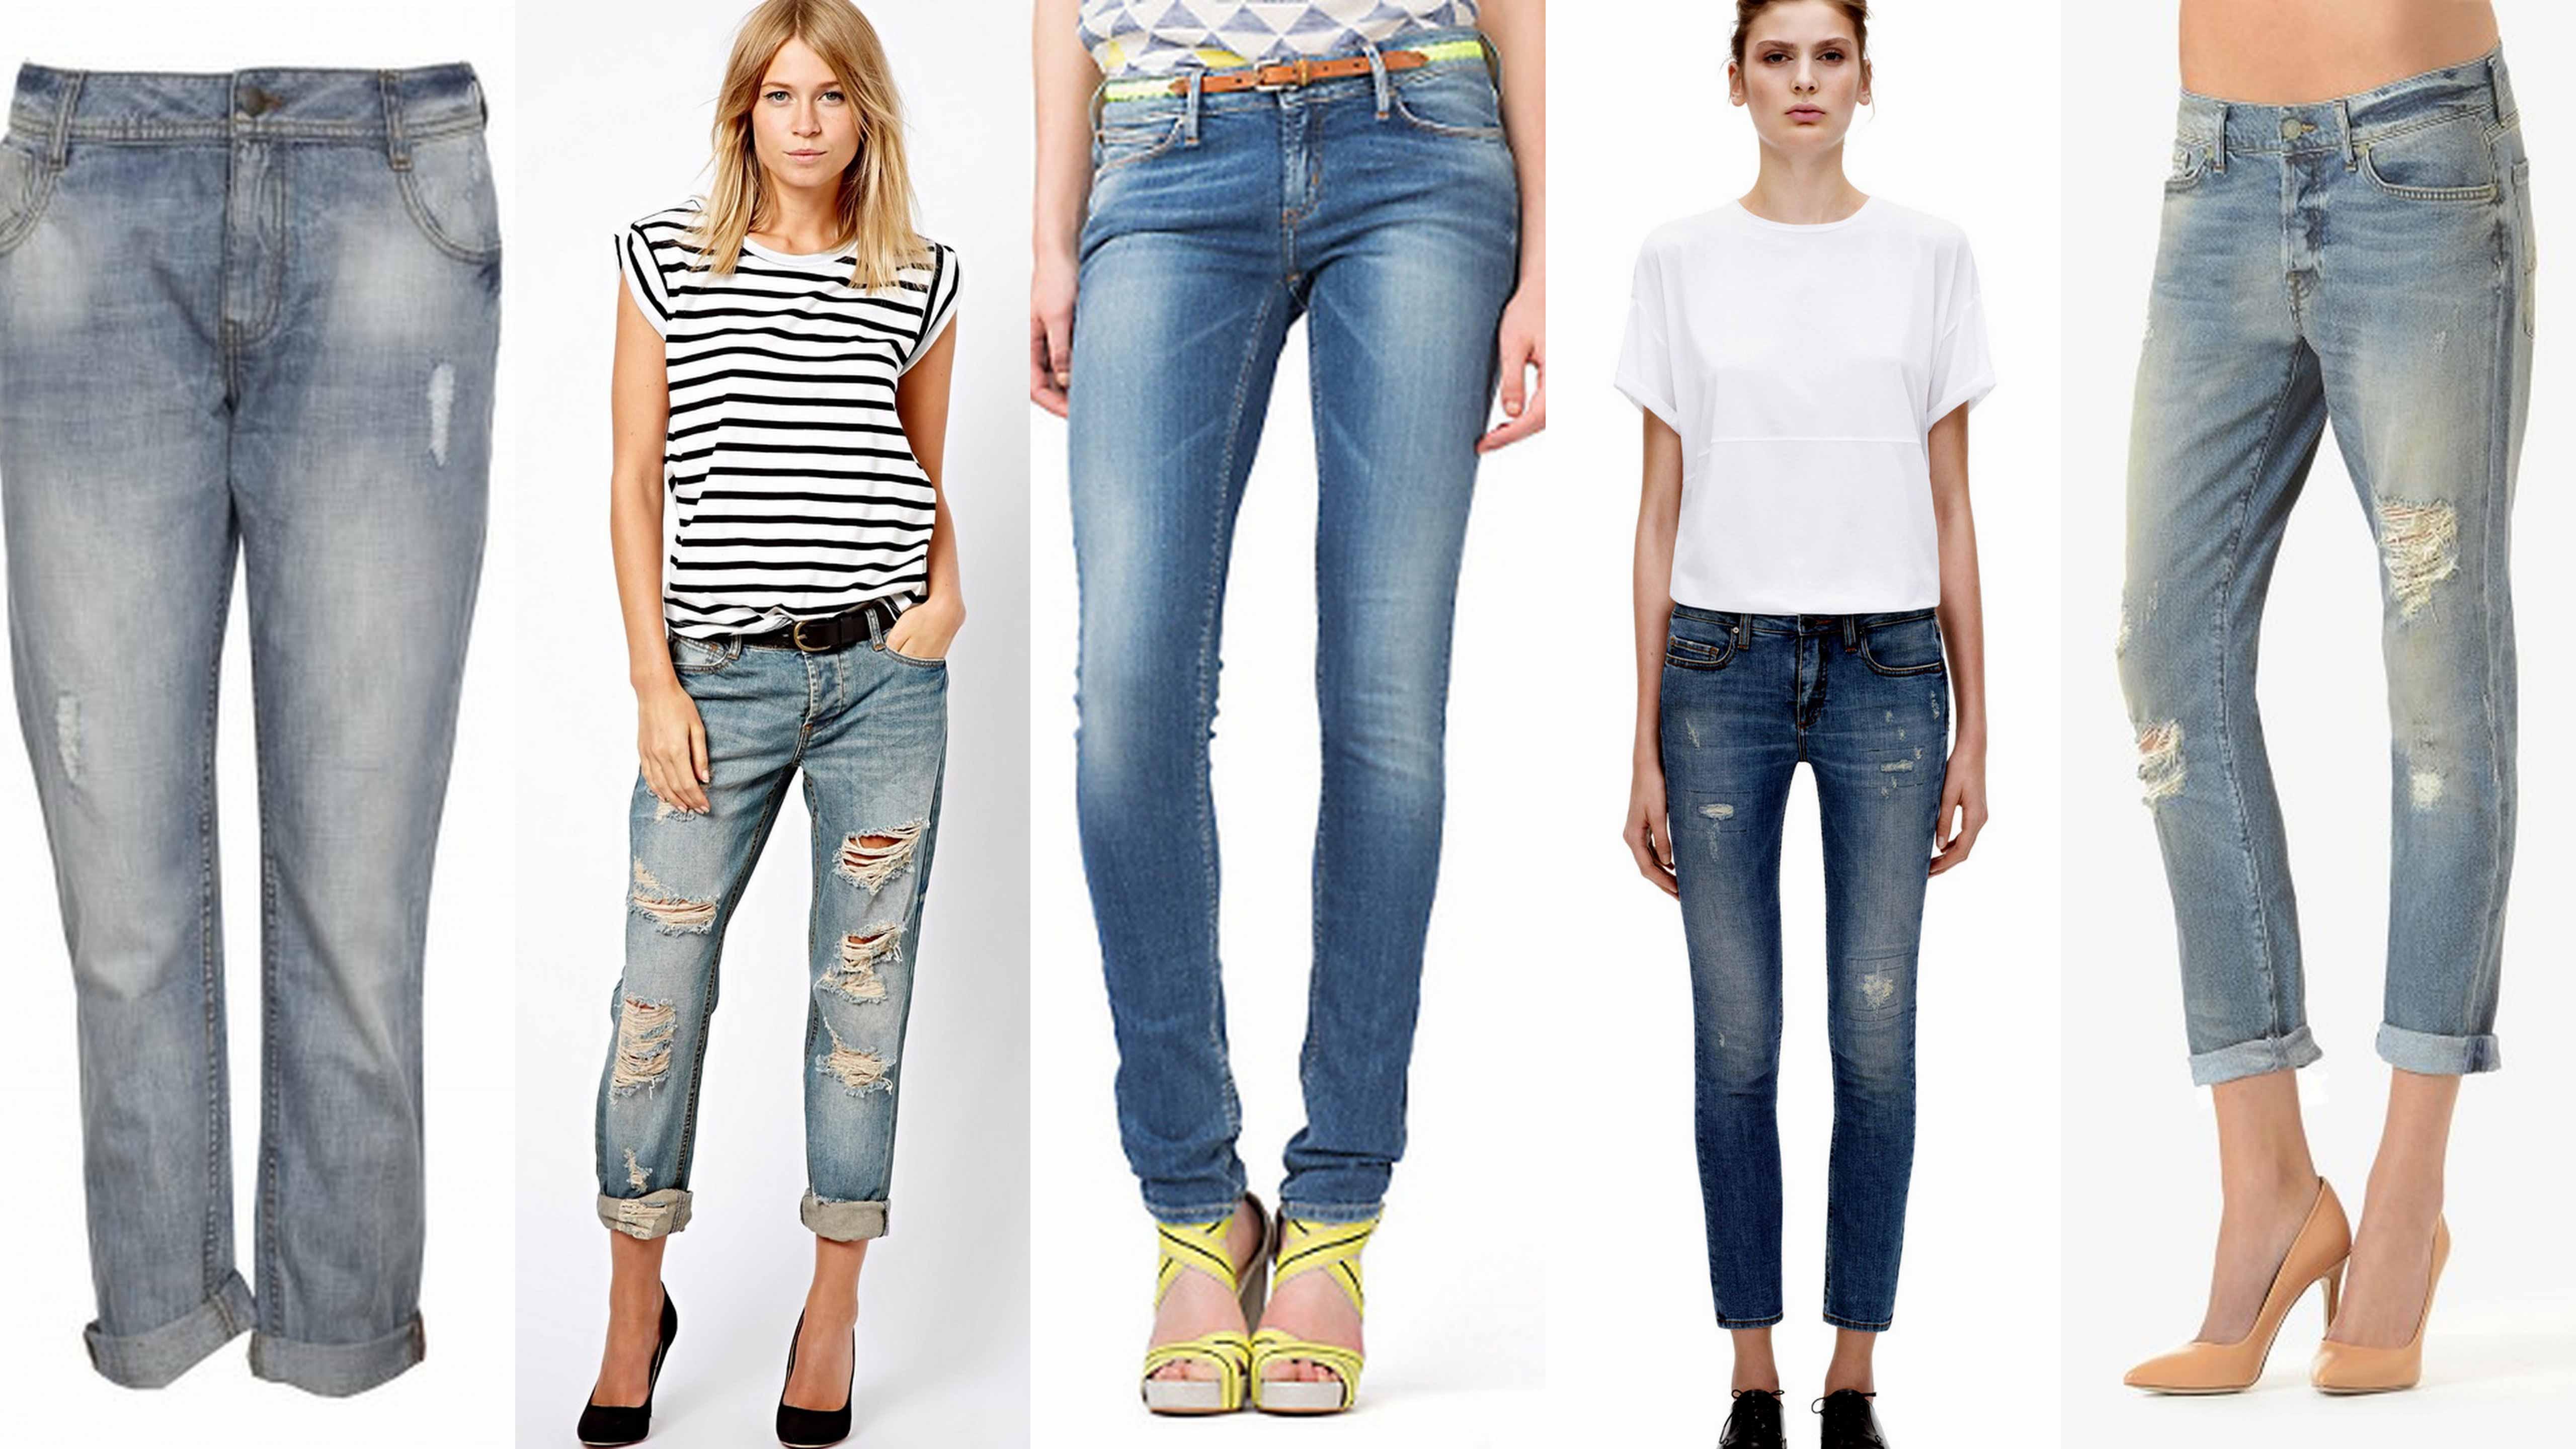 Модные женские джинсы осень-зима 2019-2020 фото || Модные джинсы на осень